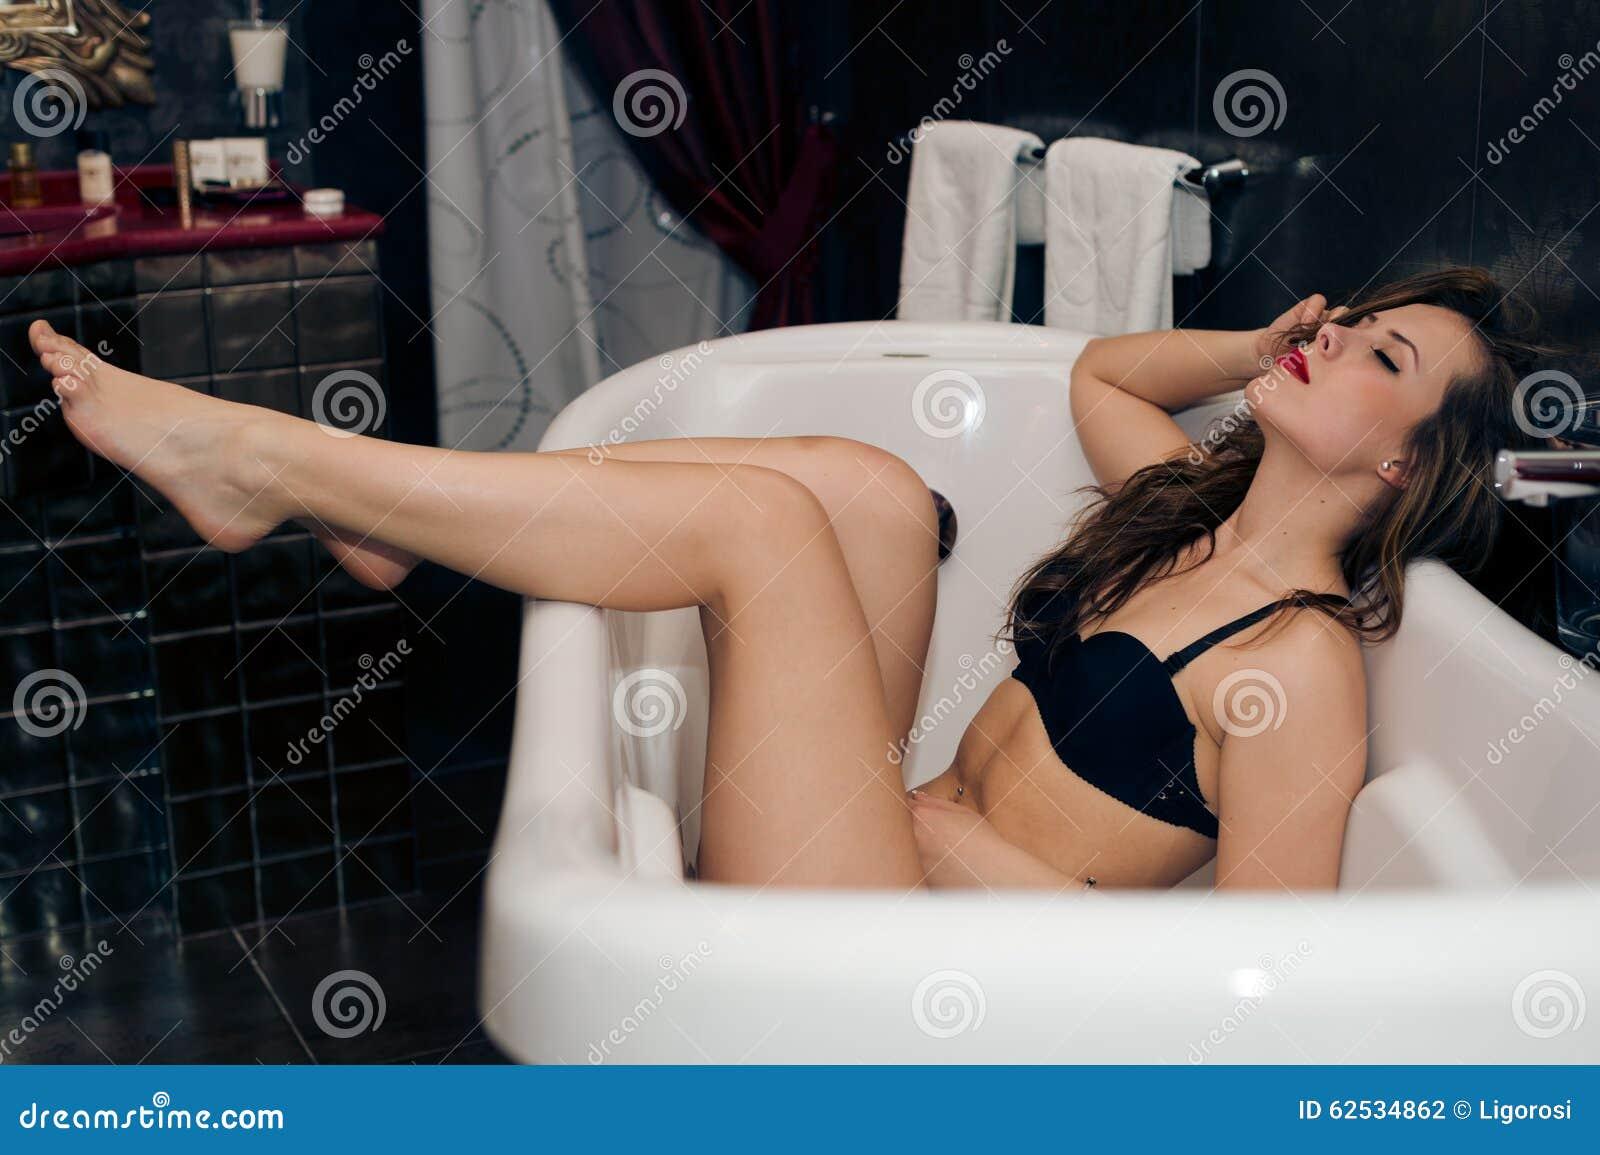 获得性感的美丽的少妇的图片乐趣